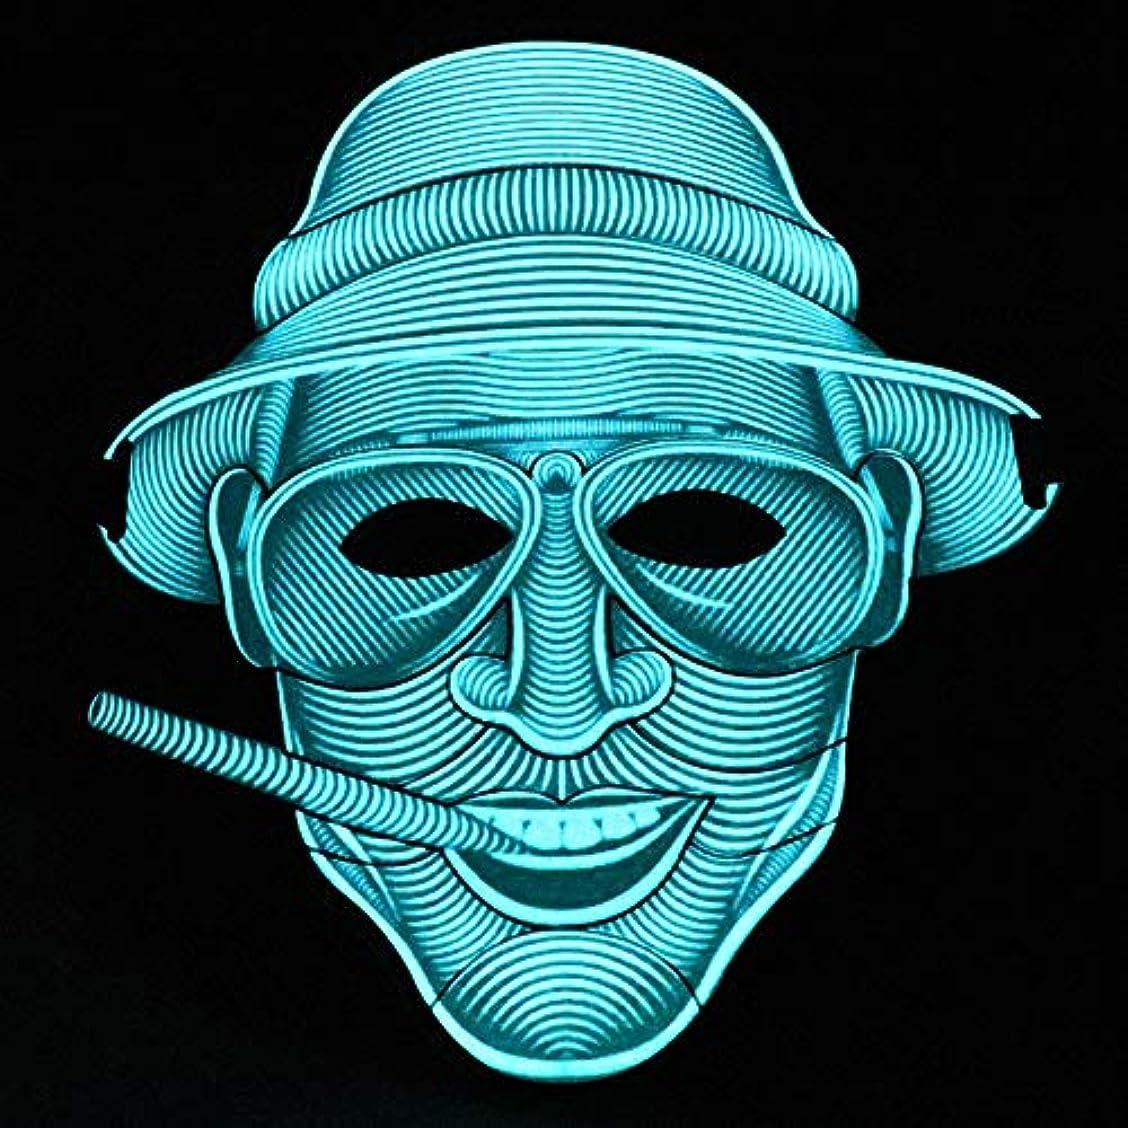 雇用者自分の寄生虫照らされたマスクLED創造的な冷光音響制御マスクハロウィンバーフェスティバルダンスマスク (Color : #17)